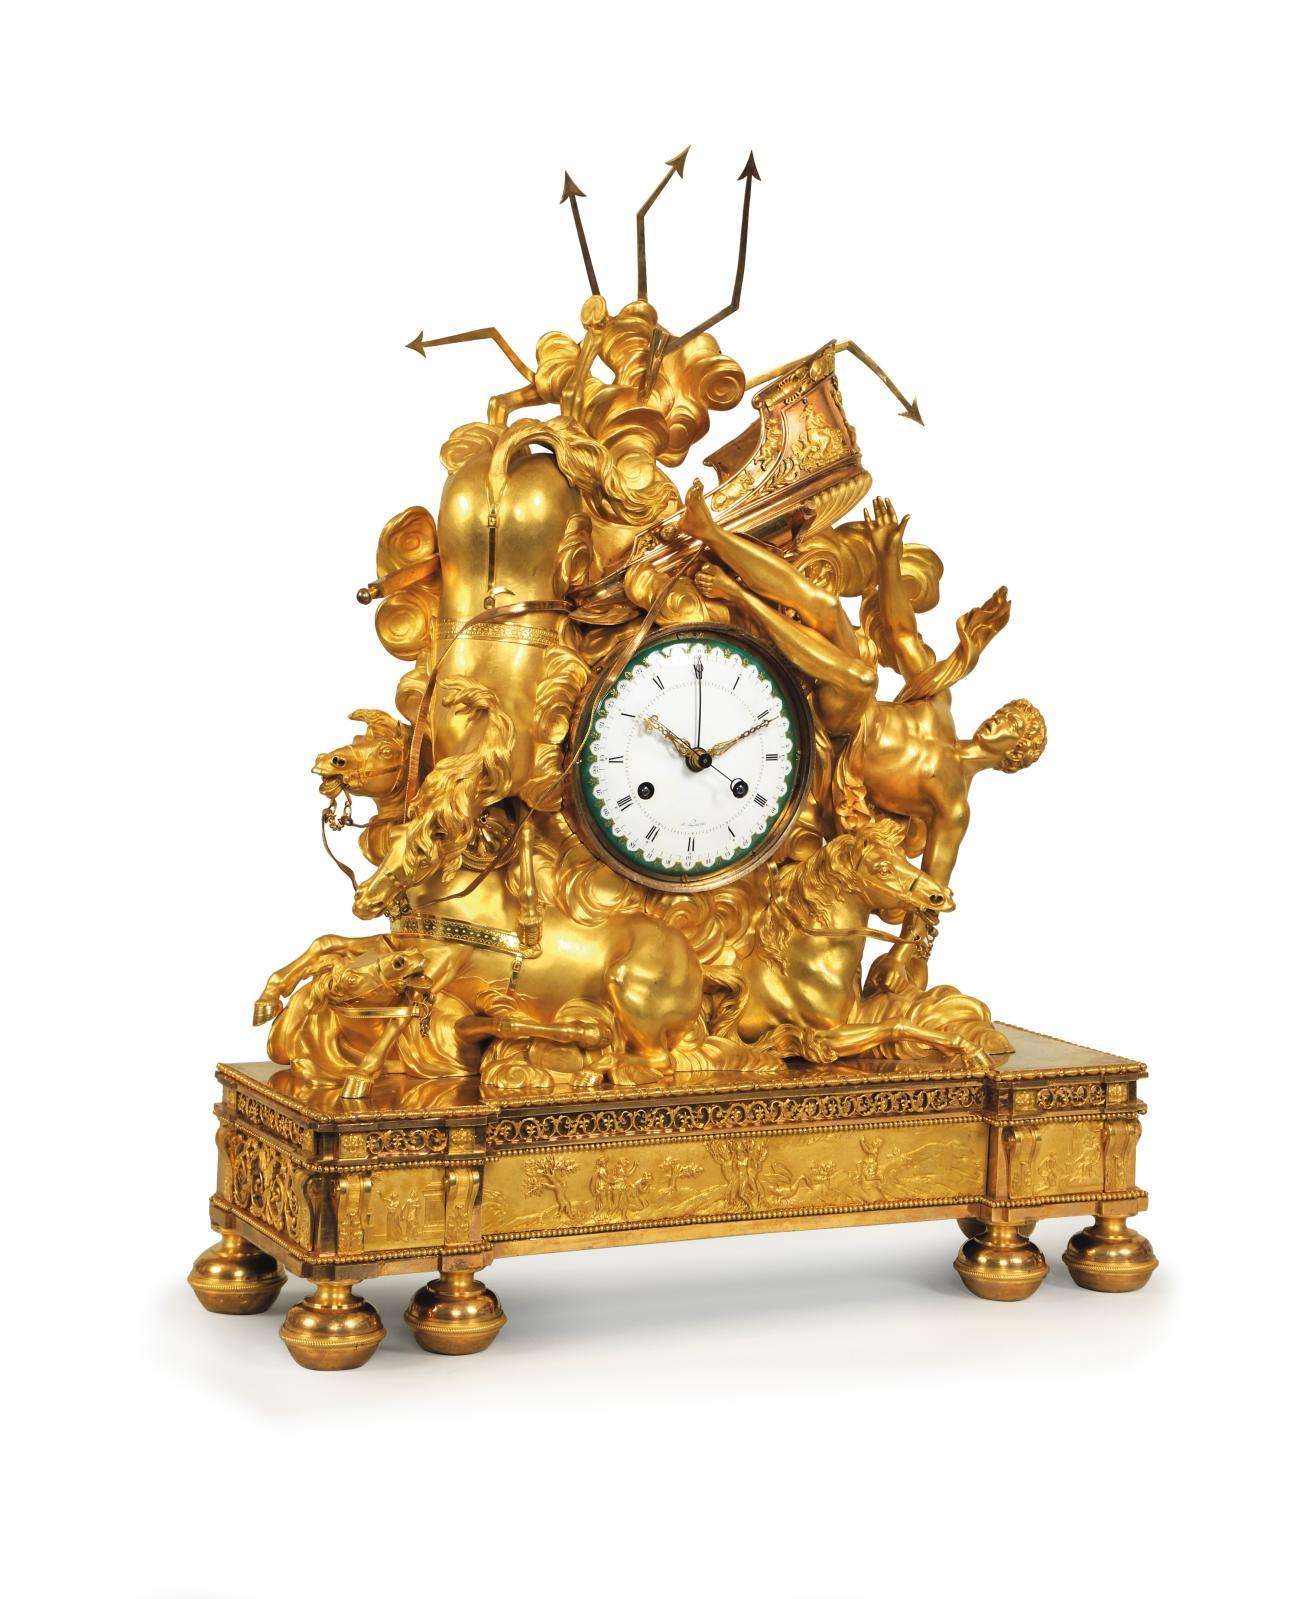 «La chute de Phaéton», vers 1800, pendule en bronze doré, 53,5 x 20 x 67,5 cm, signalée dans l'appartement du grand maréchal du Palais,